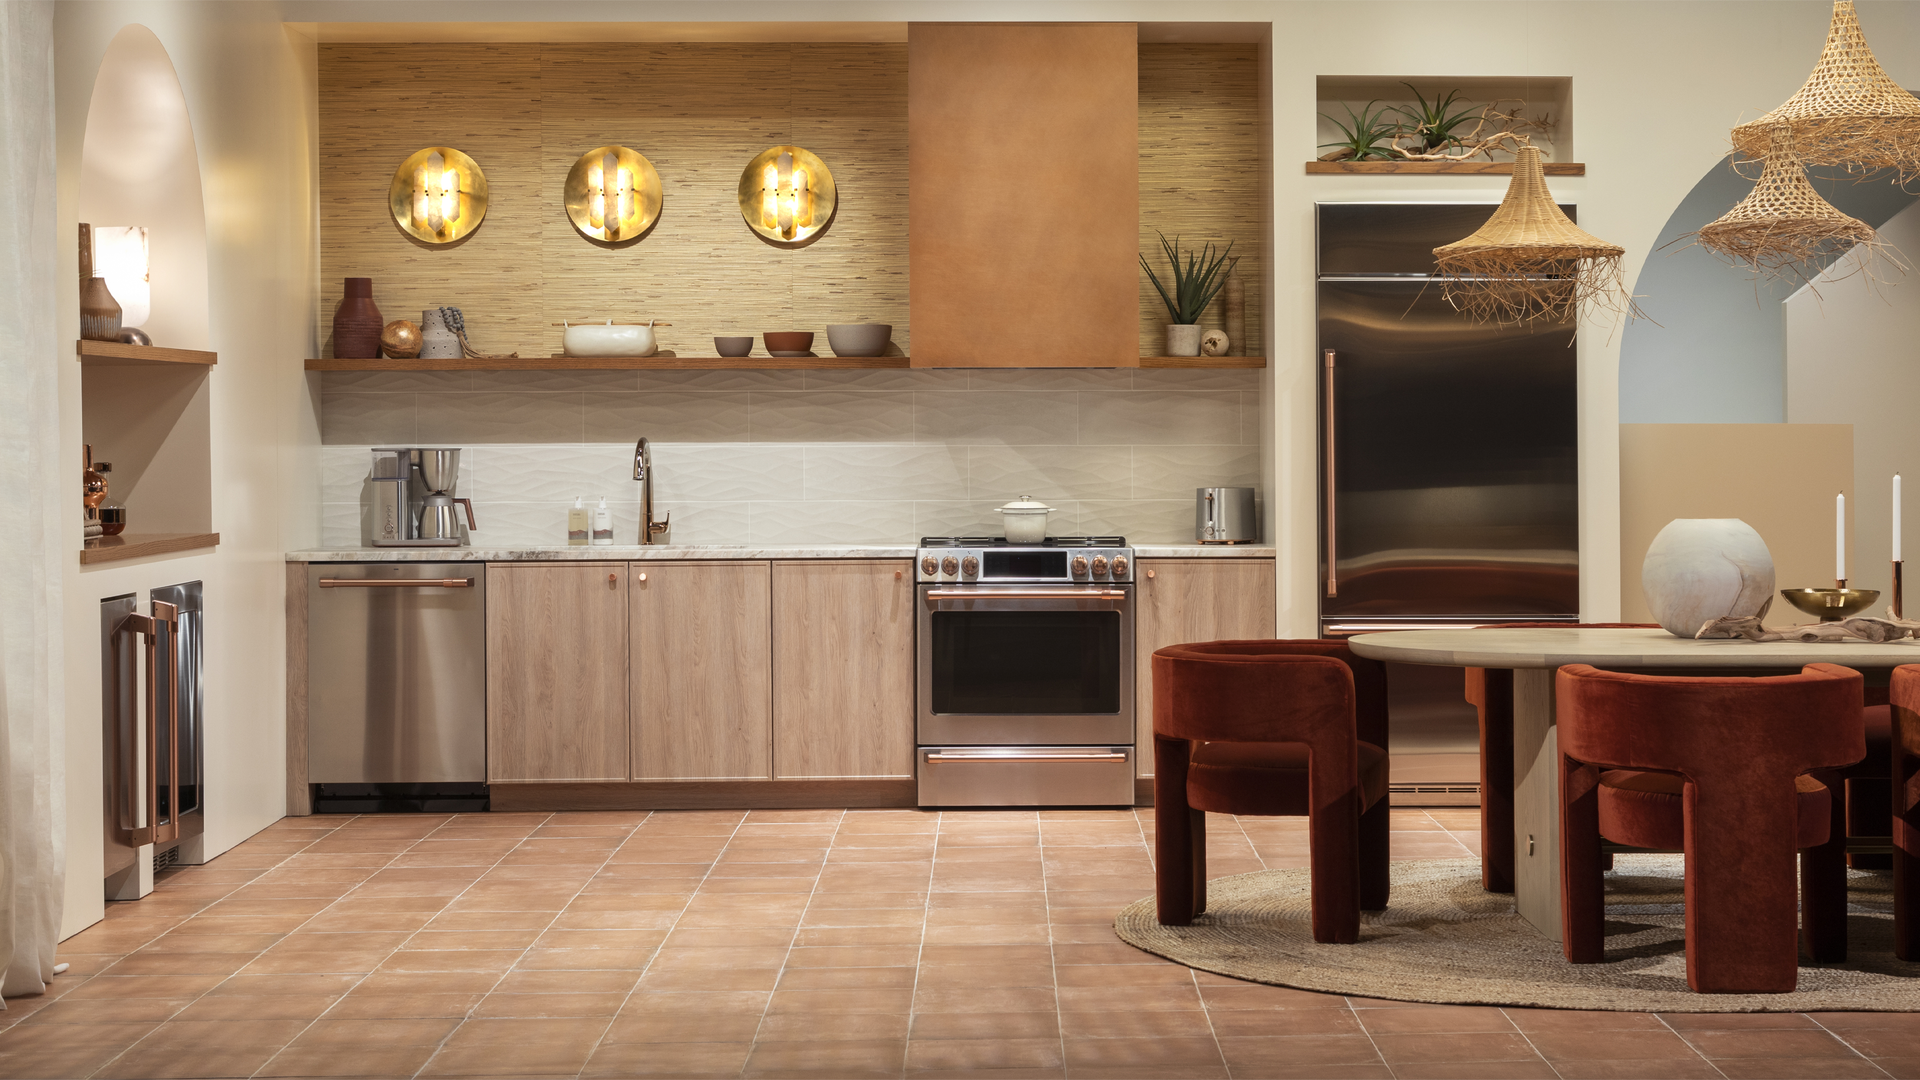 CAFÉ Desert Daydream Kitchen: KBIS 2021